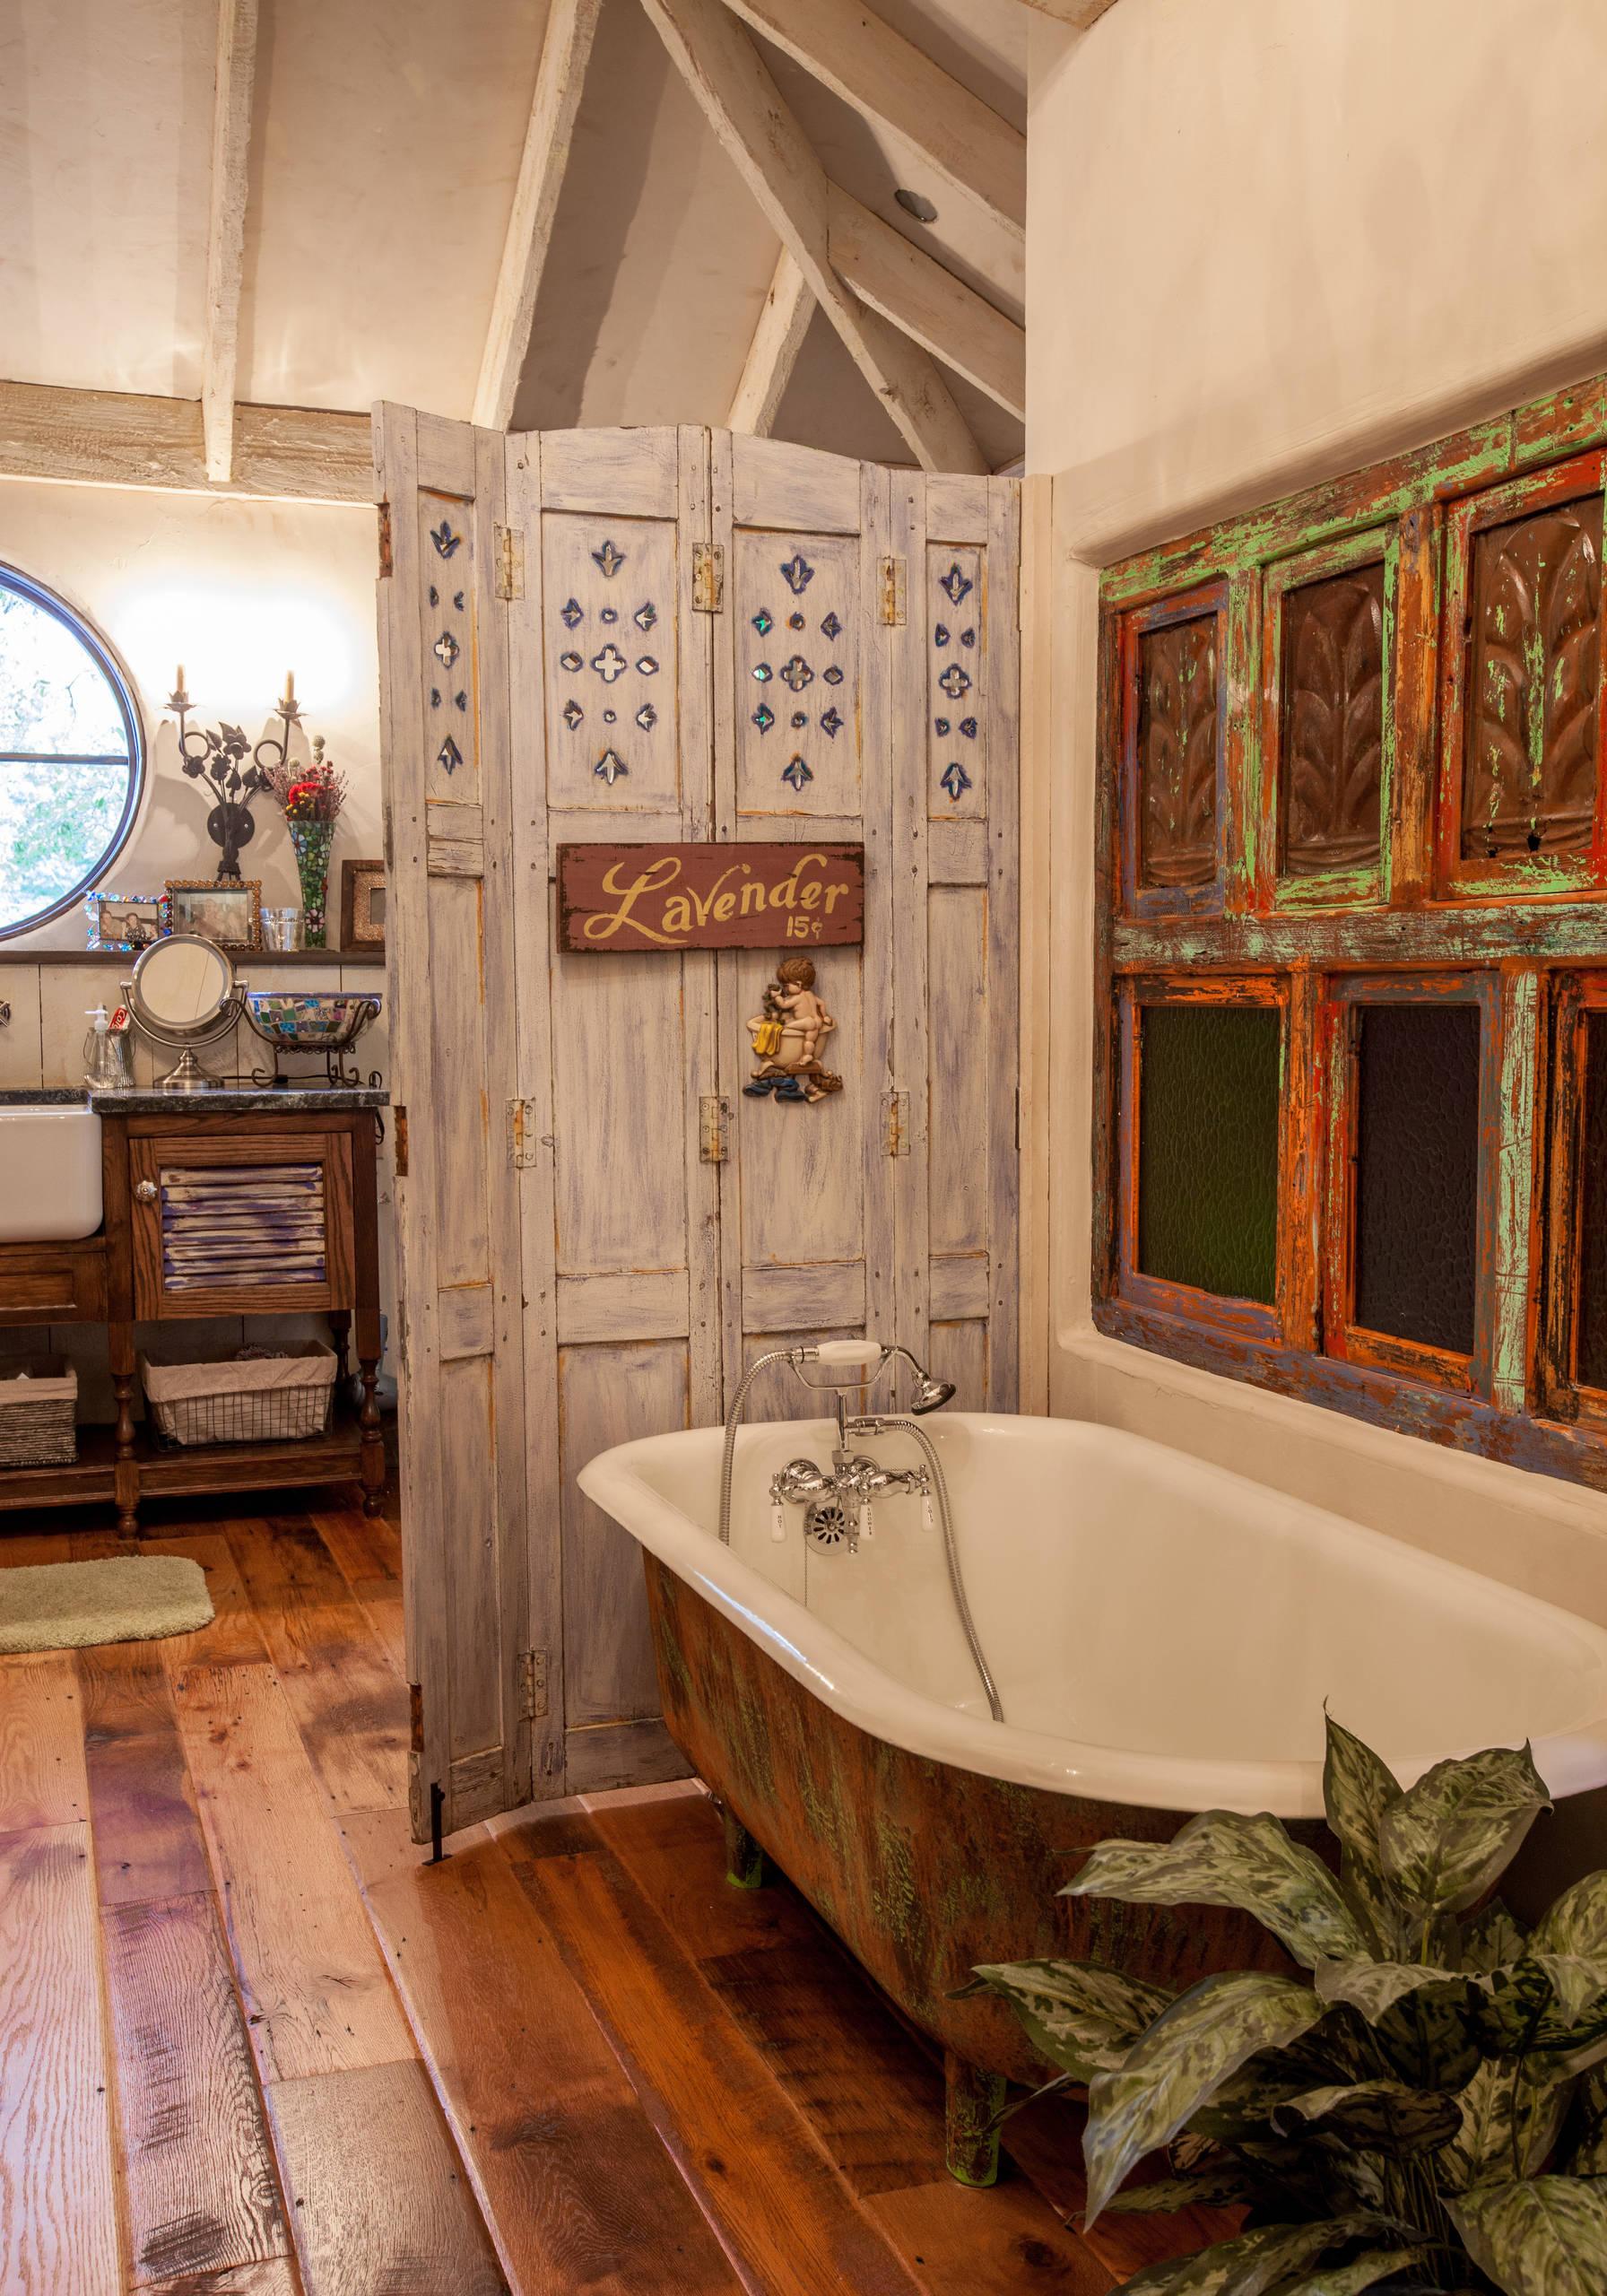 Biombo en cuarto de baño. Estilo rústico.